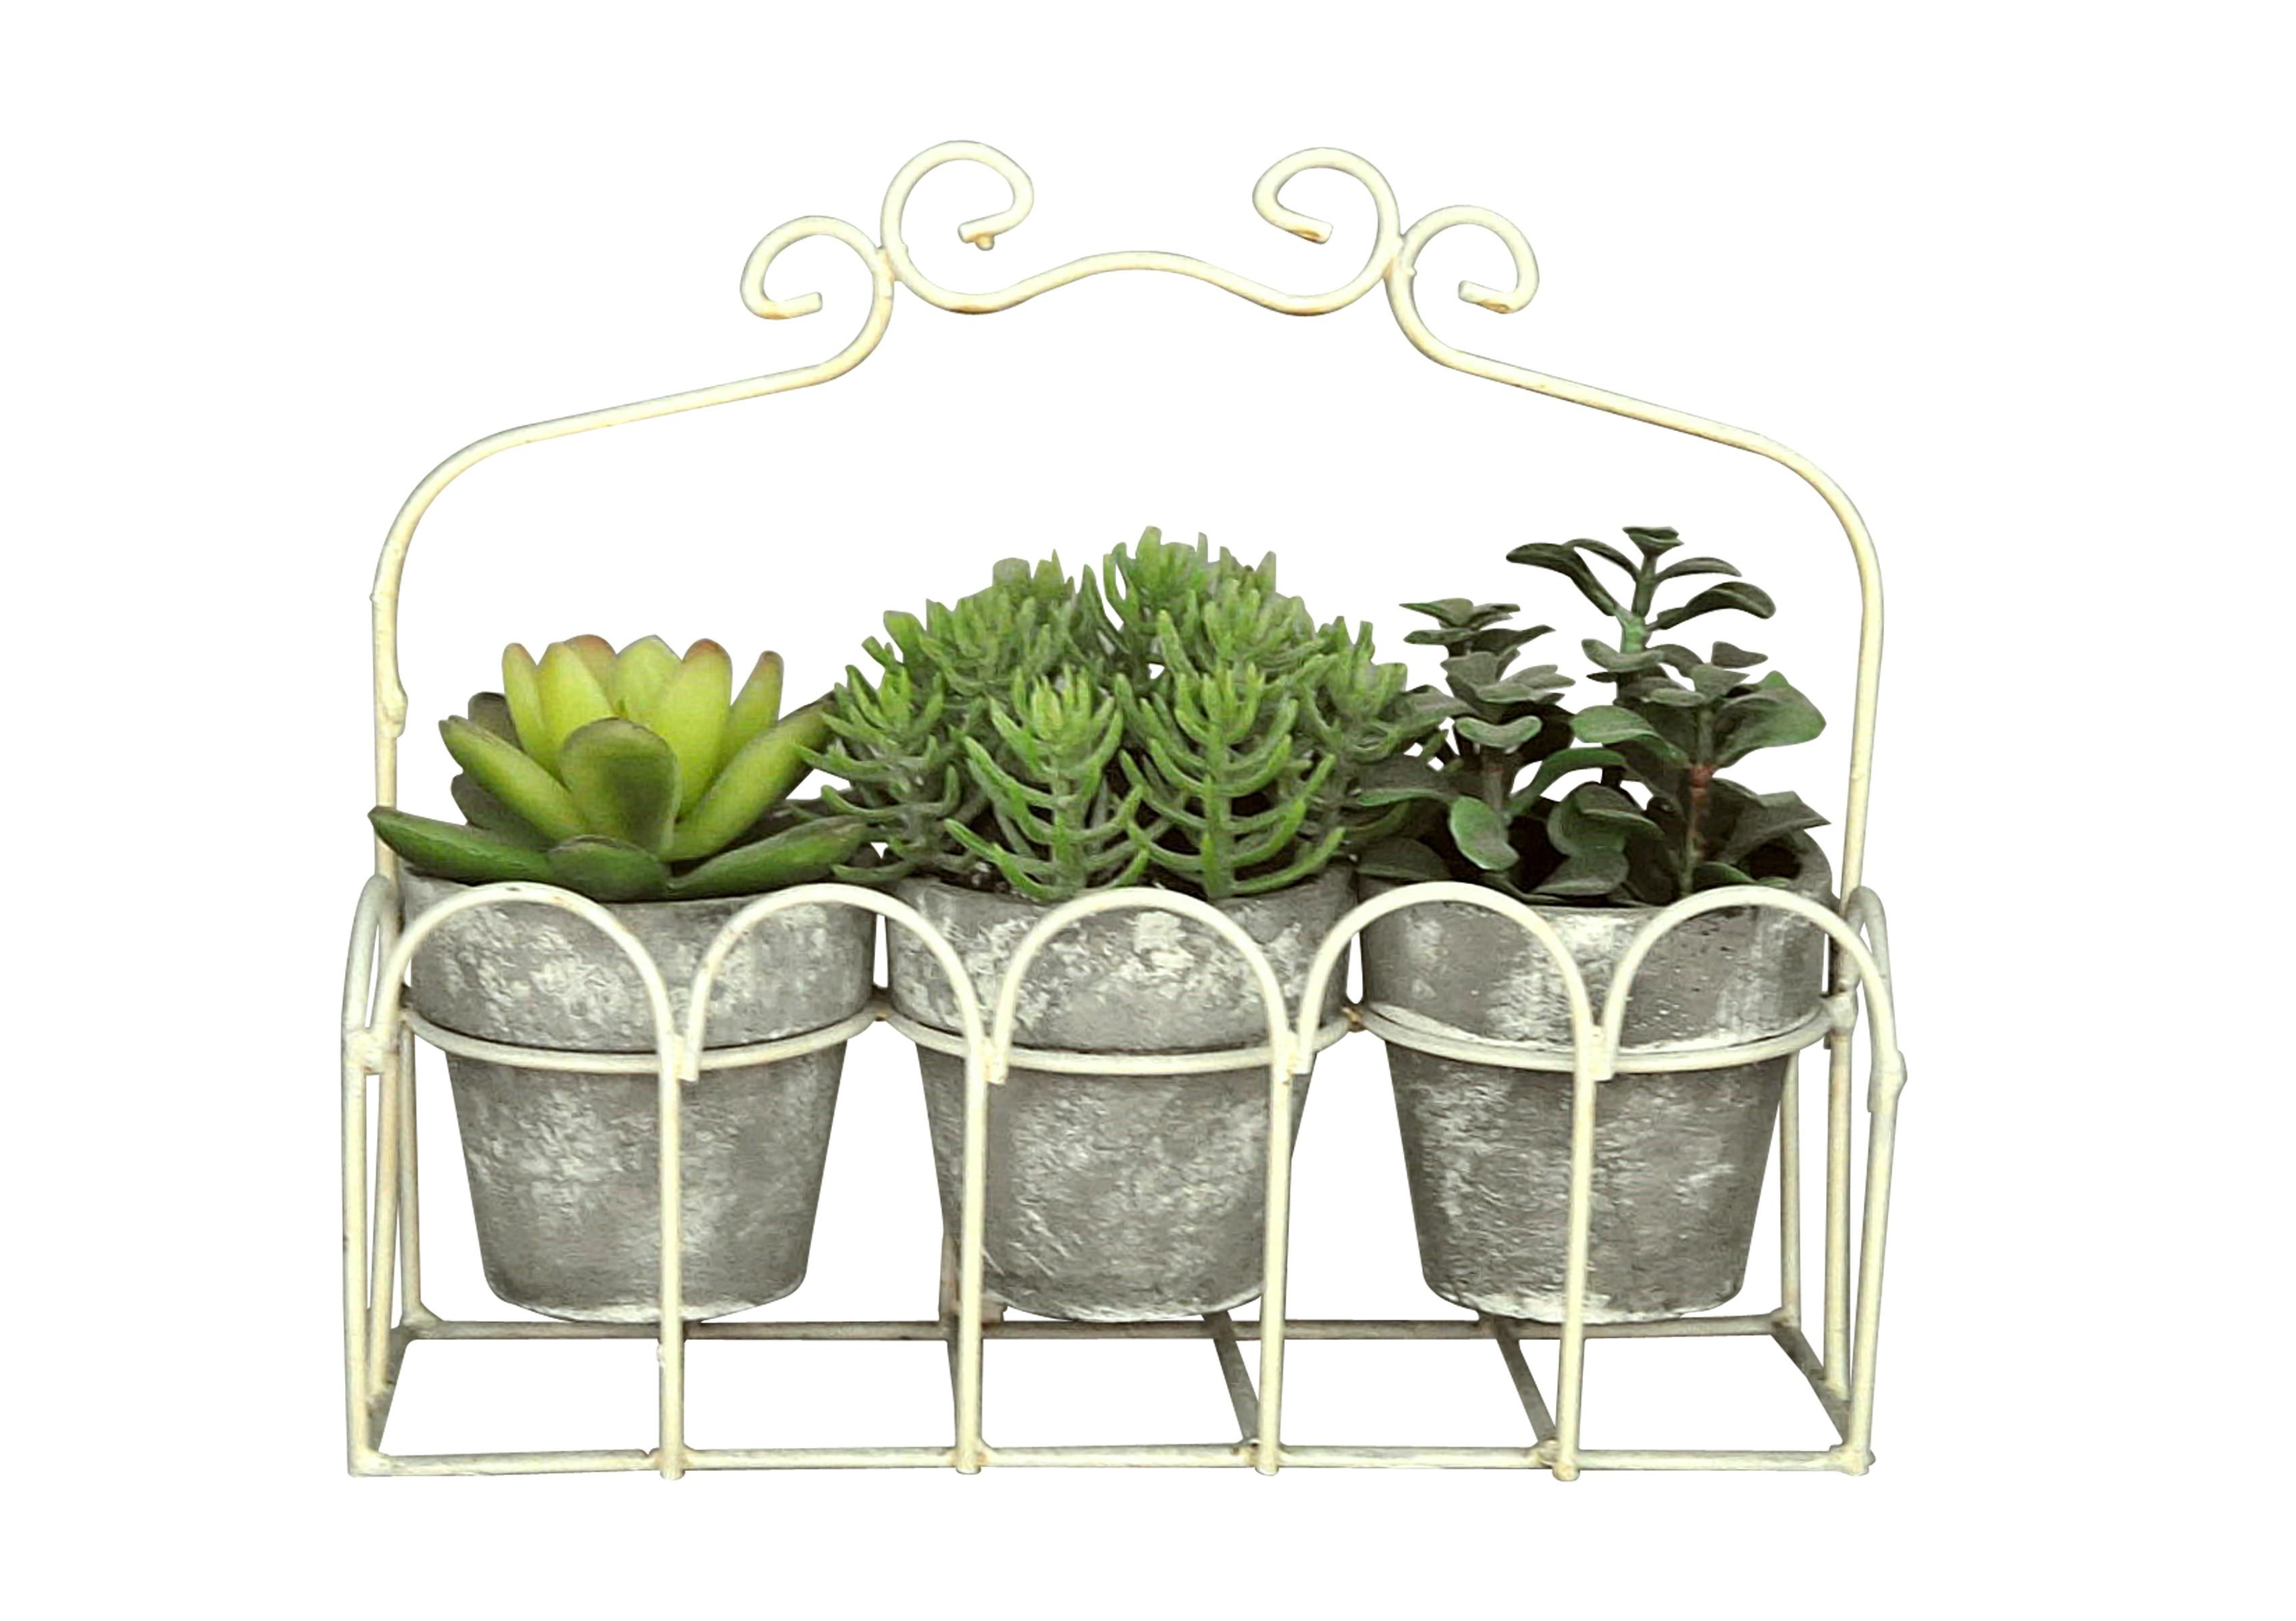 Jardini re de plantes grasses demeure et jardin for Plante decorative jardin